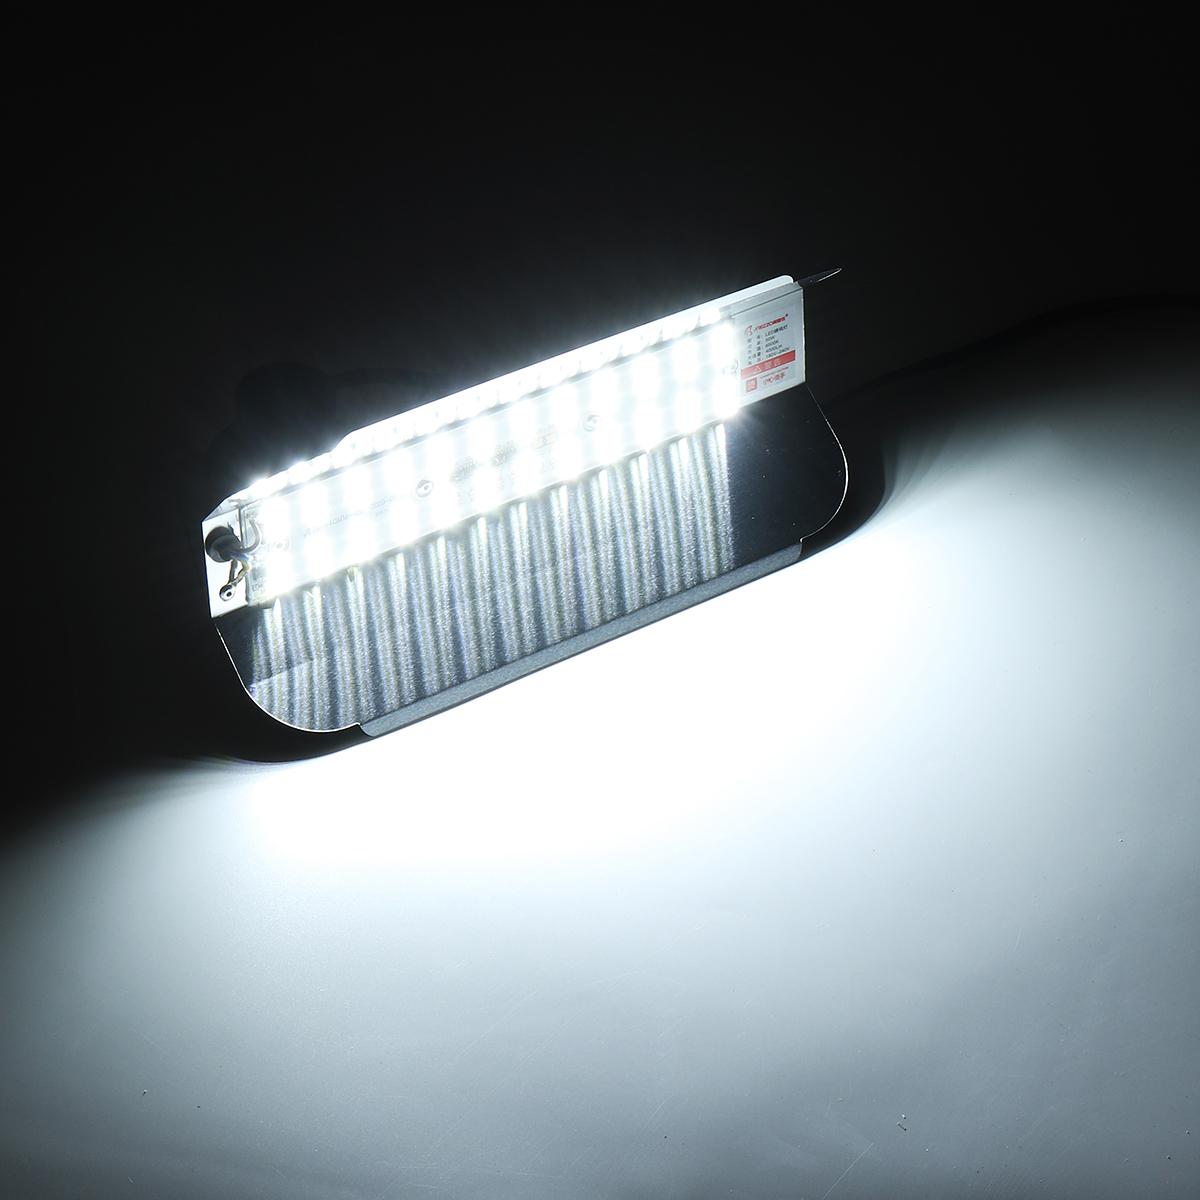 High Power 100W LED Flood Light Iodine-Tungsten Lamp Outdoor Garden Work Light Night Lighting AC180-240V 6500K White